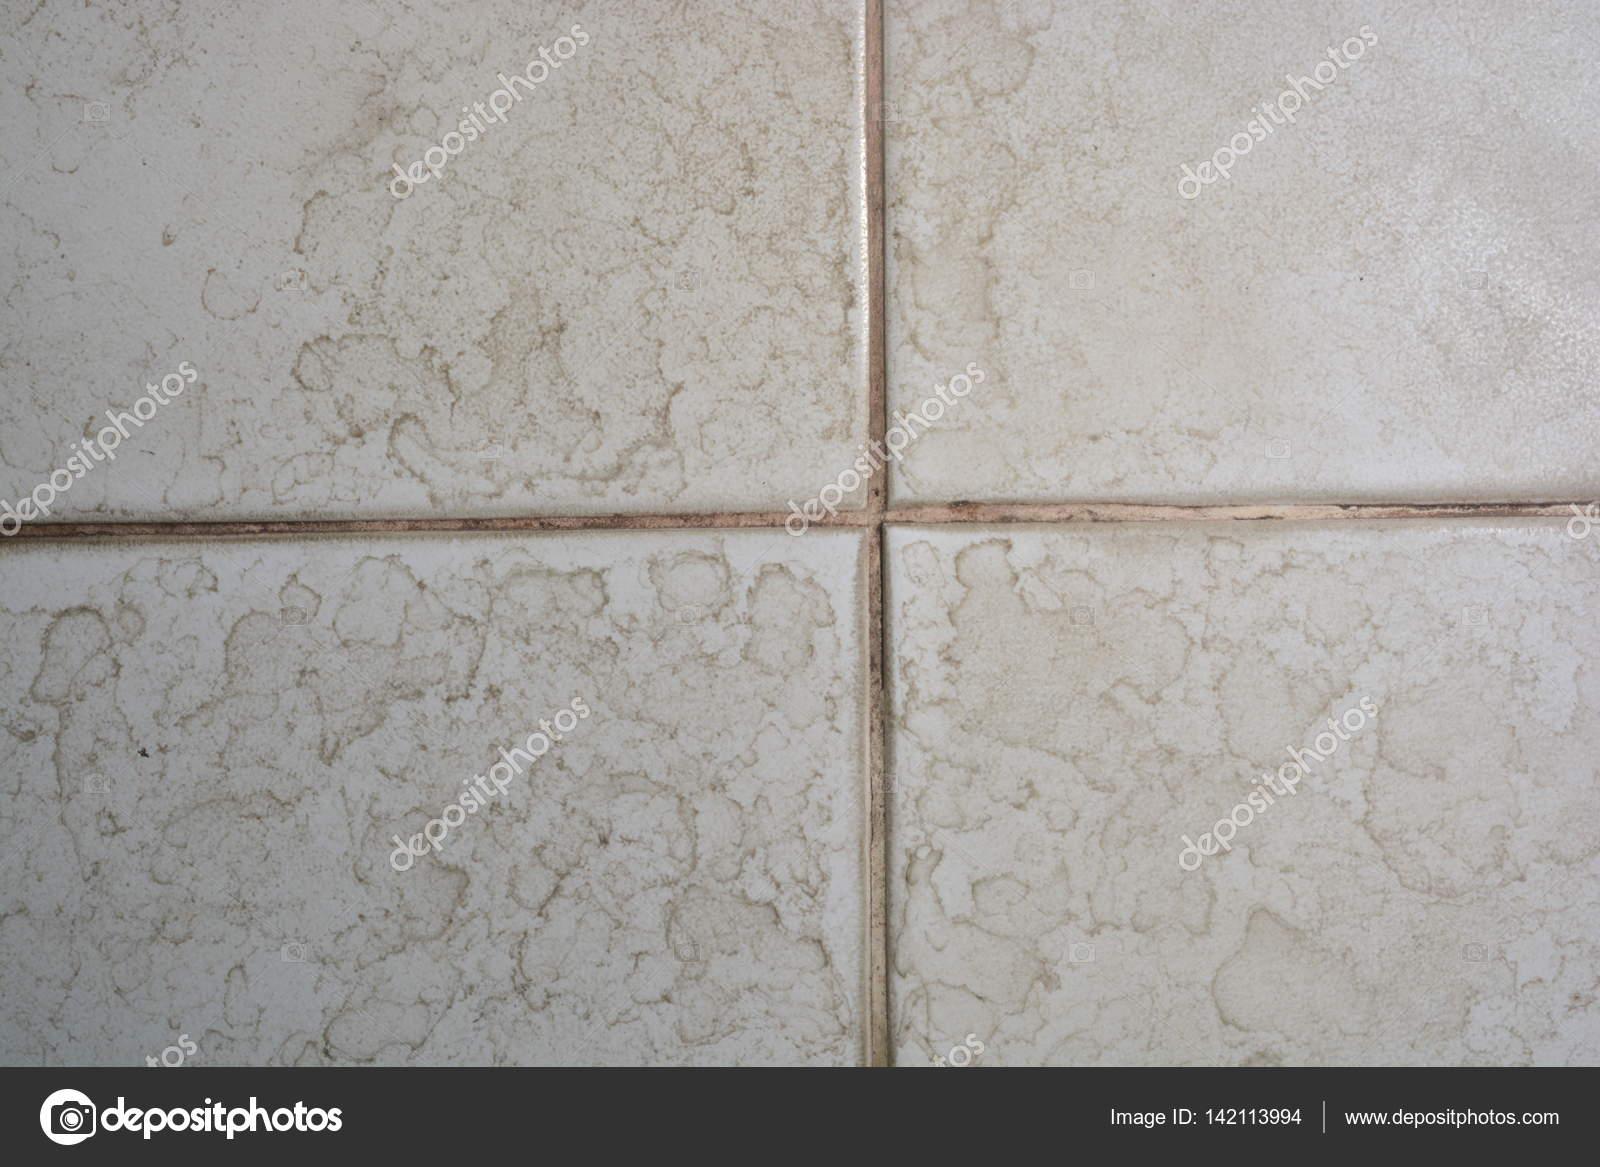 Bruine Vlekken Badkamer : Close up van de badkamer vloer tegel structuur met water vlek plek